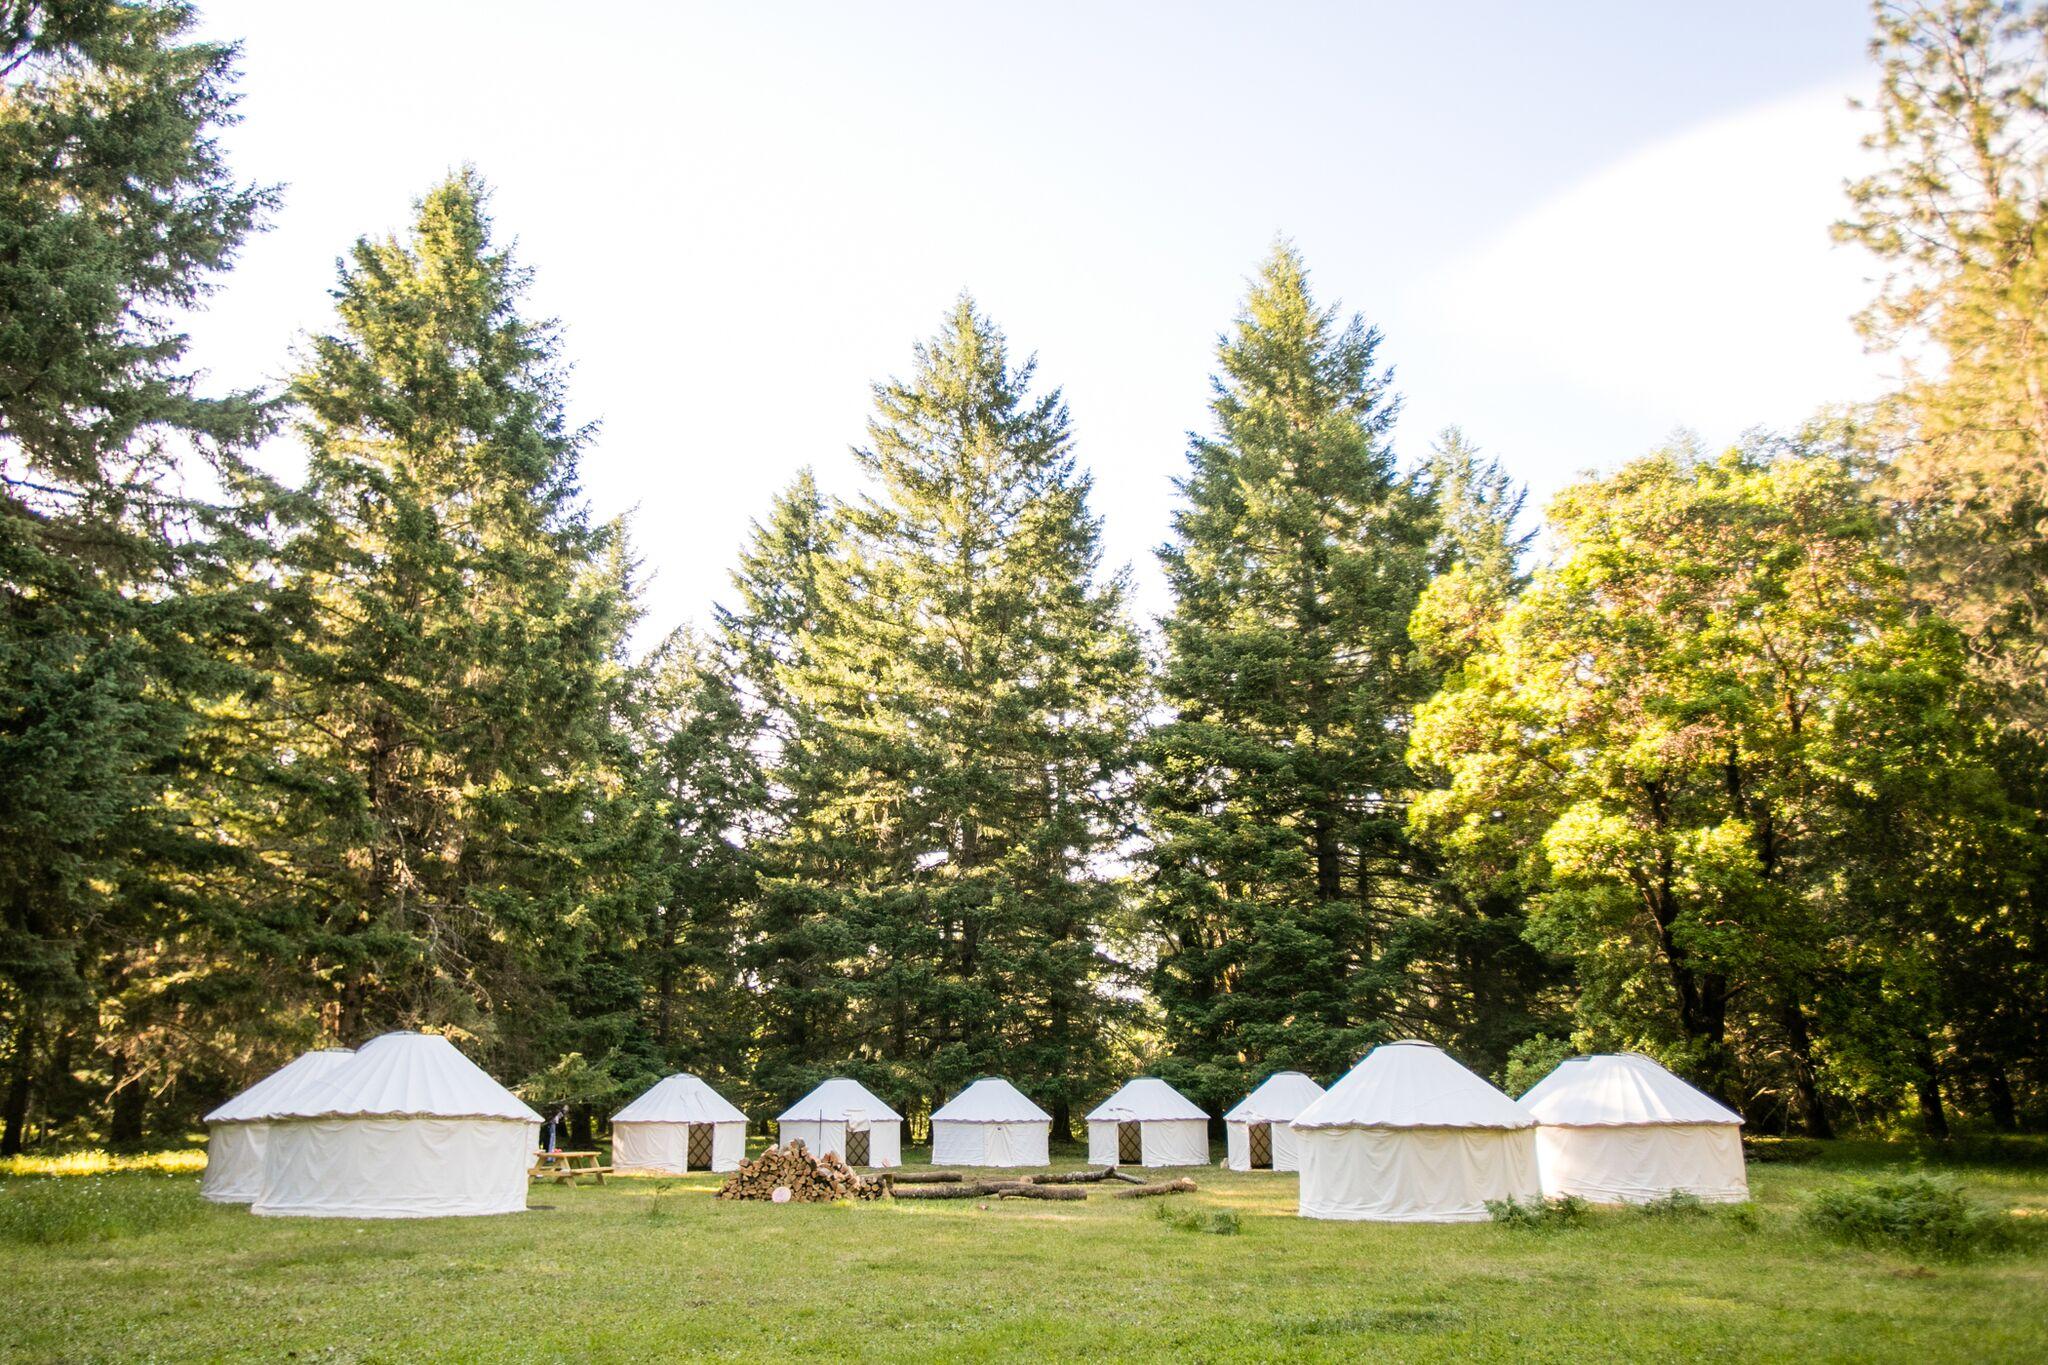 Yurts- 12', 16', 20', 24'